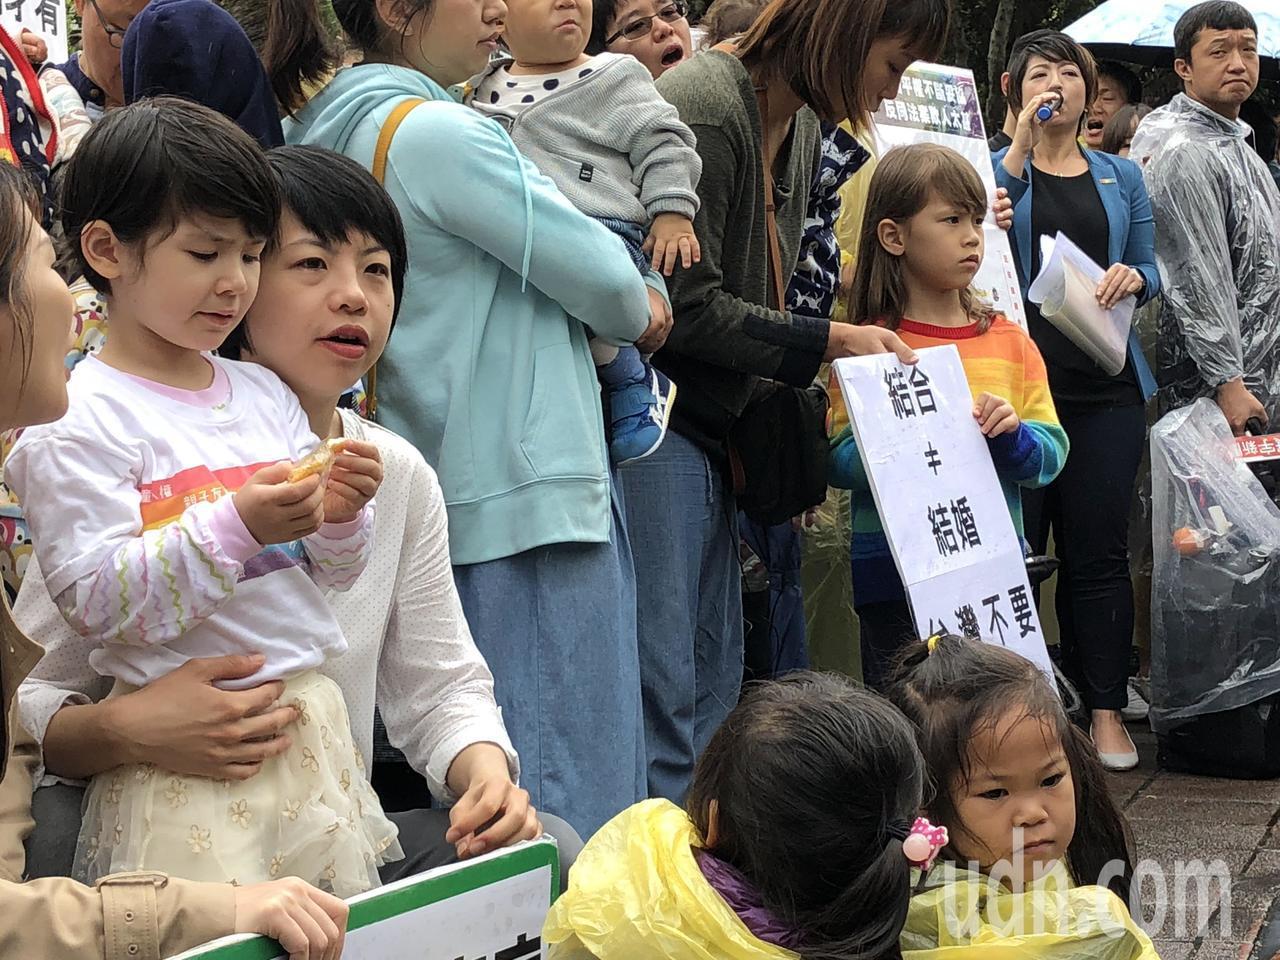 台灣同志家庭權益促進會今早在立法院門口召開記者會,現場聚集全台超過40個同志家庭...